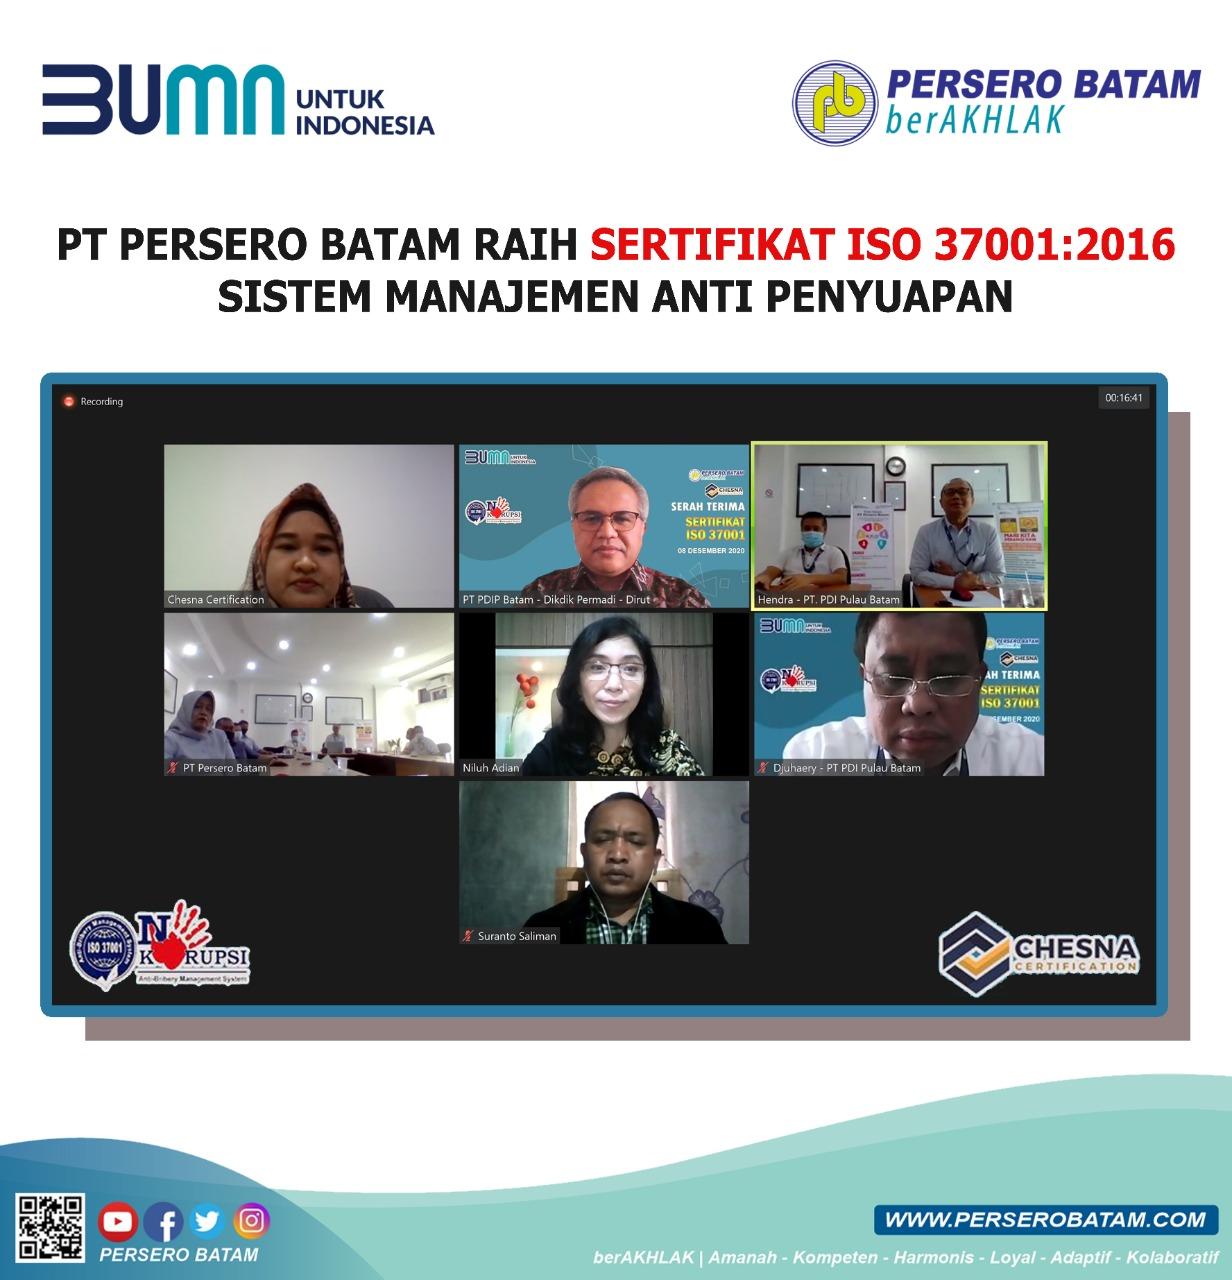 PT Persero Batam Raih Sertifikat ISO 37001:2016 Sistem Manajemen Anti Penyuapan